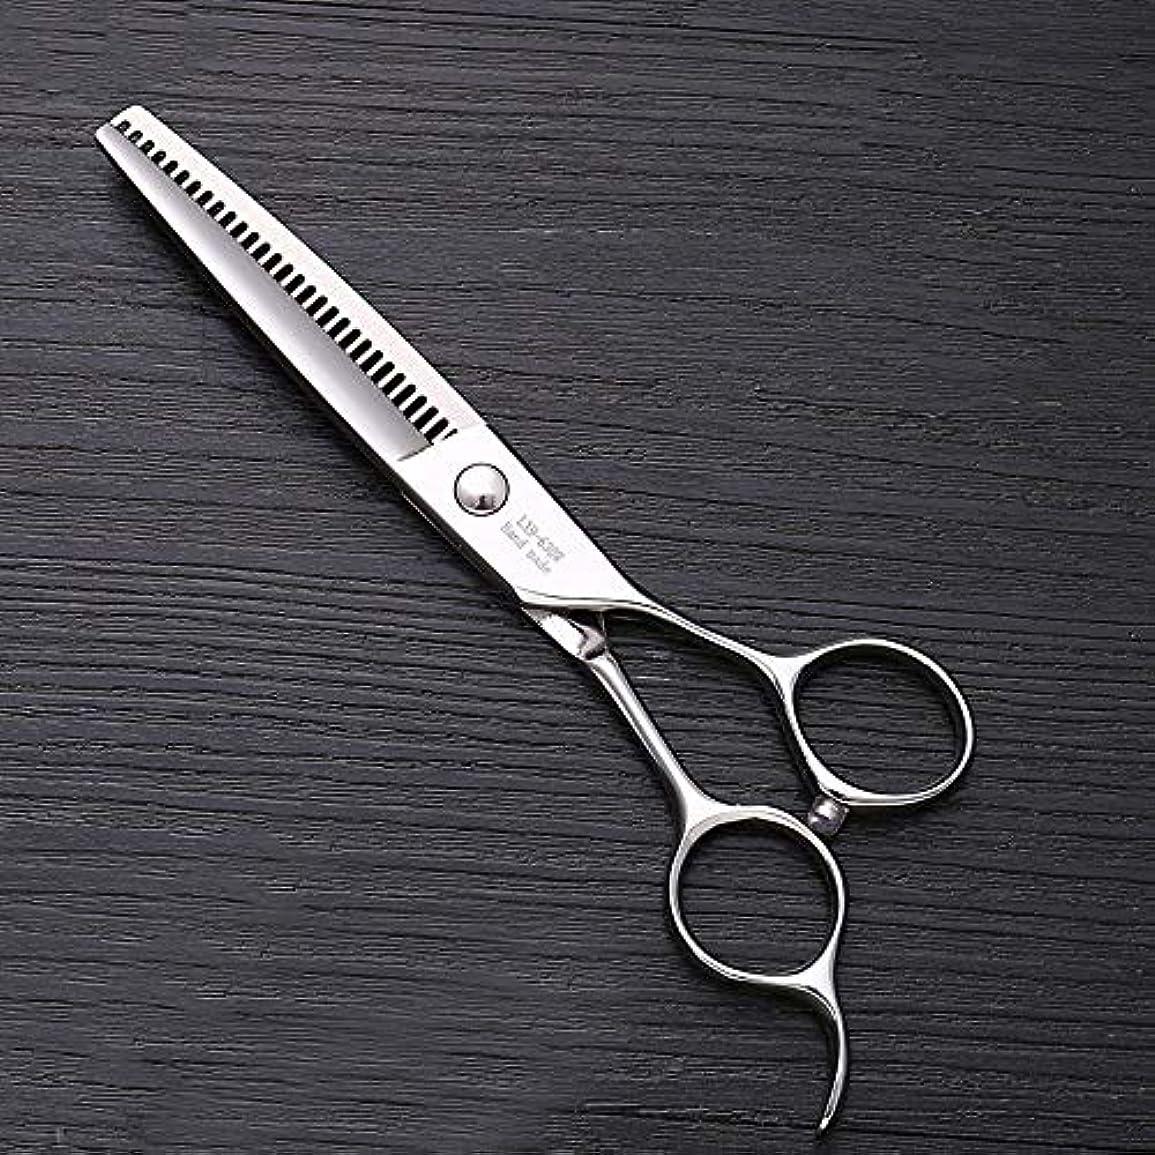 不倫検索エンジンマーケティング啓発する6インチステンレススチールハイエンドプロフェッショナル理髪はさみ ヘアケア (色 : Silver)